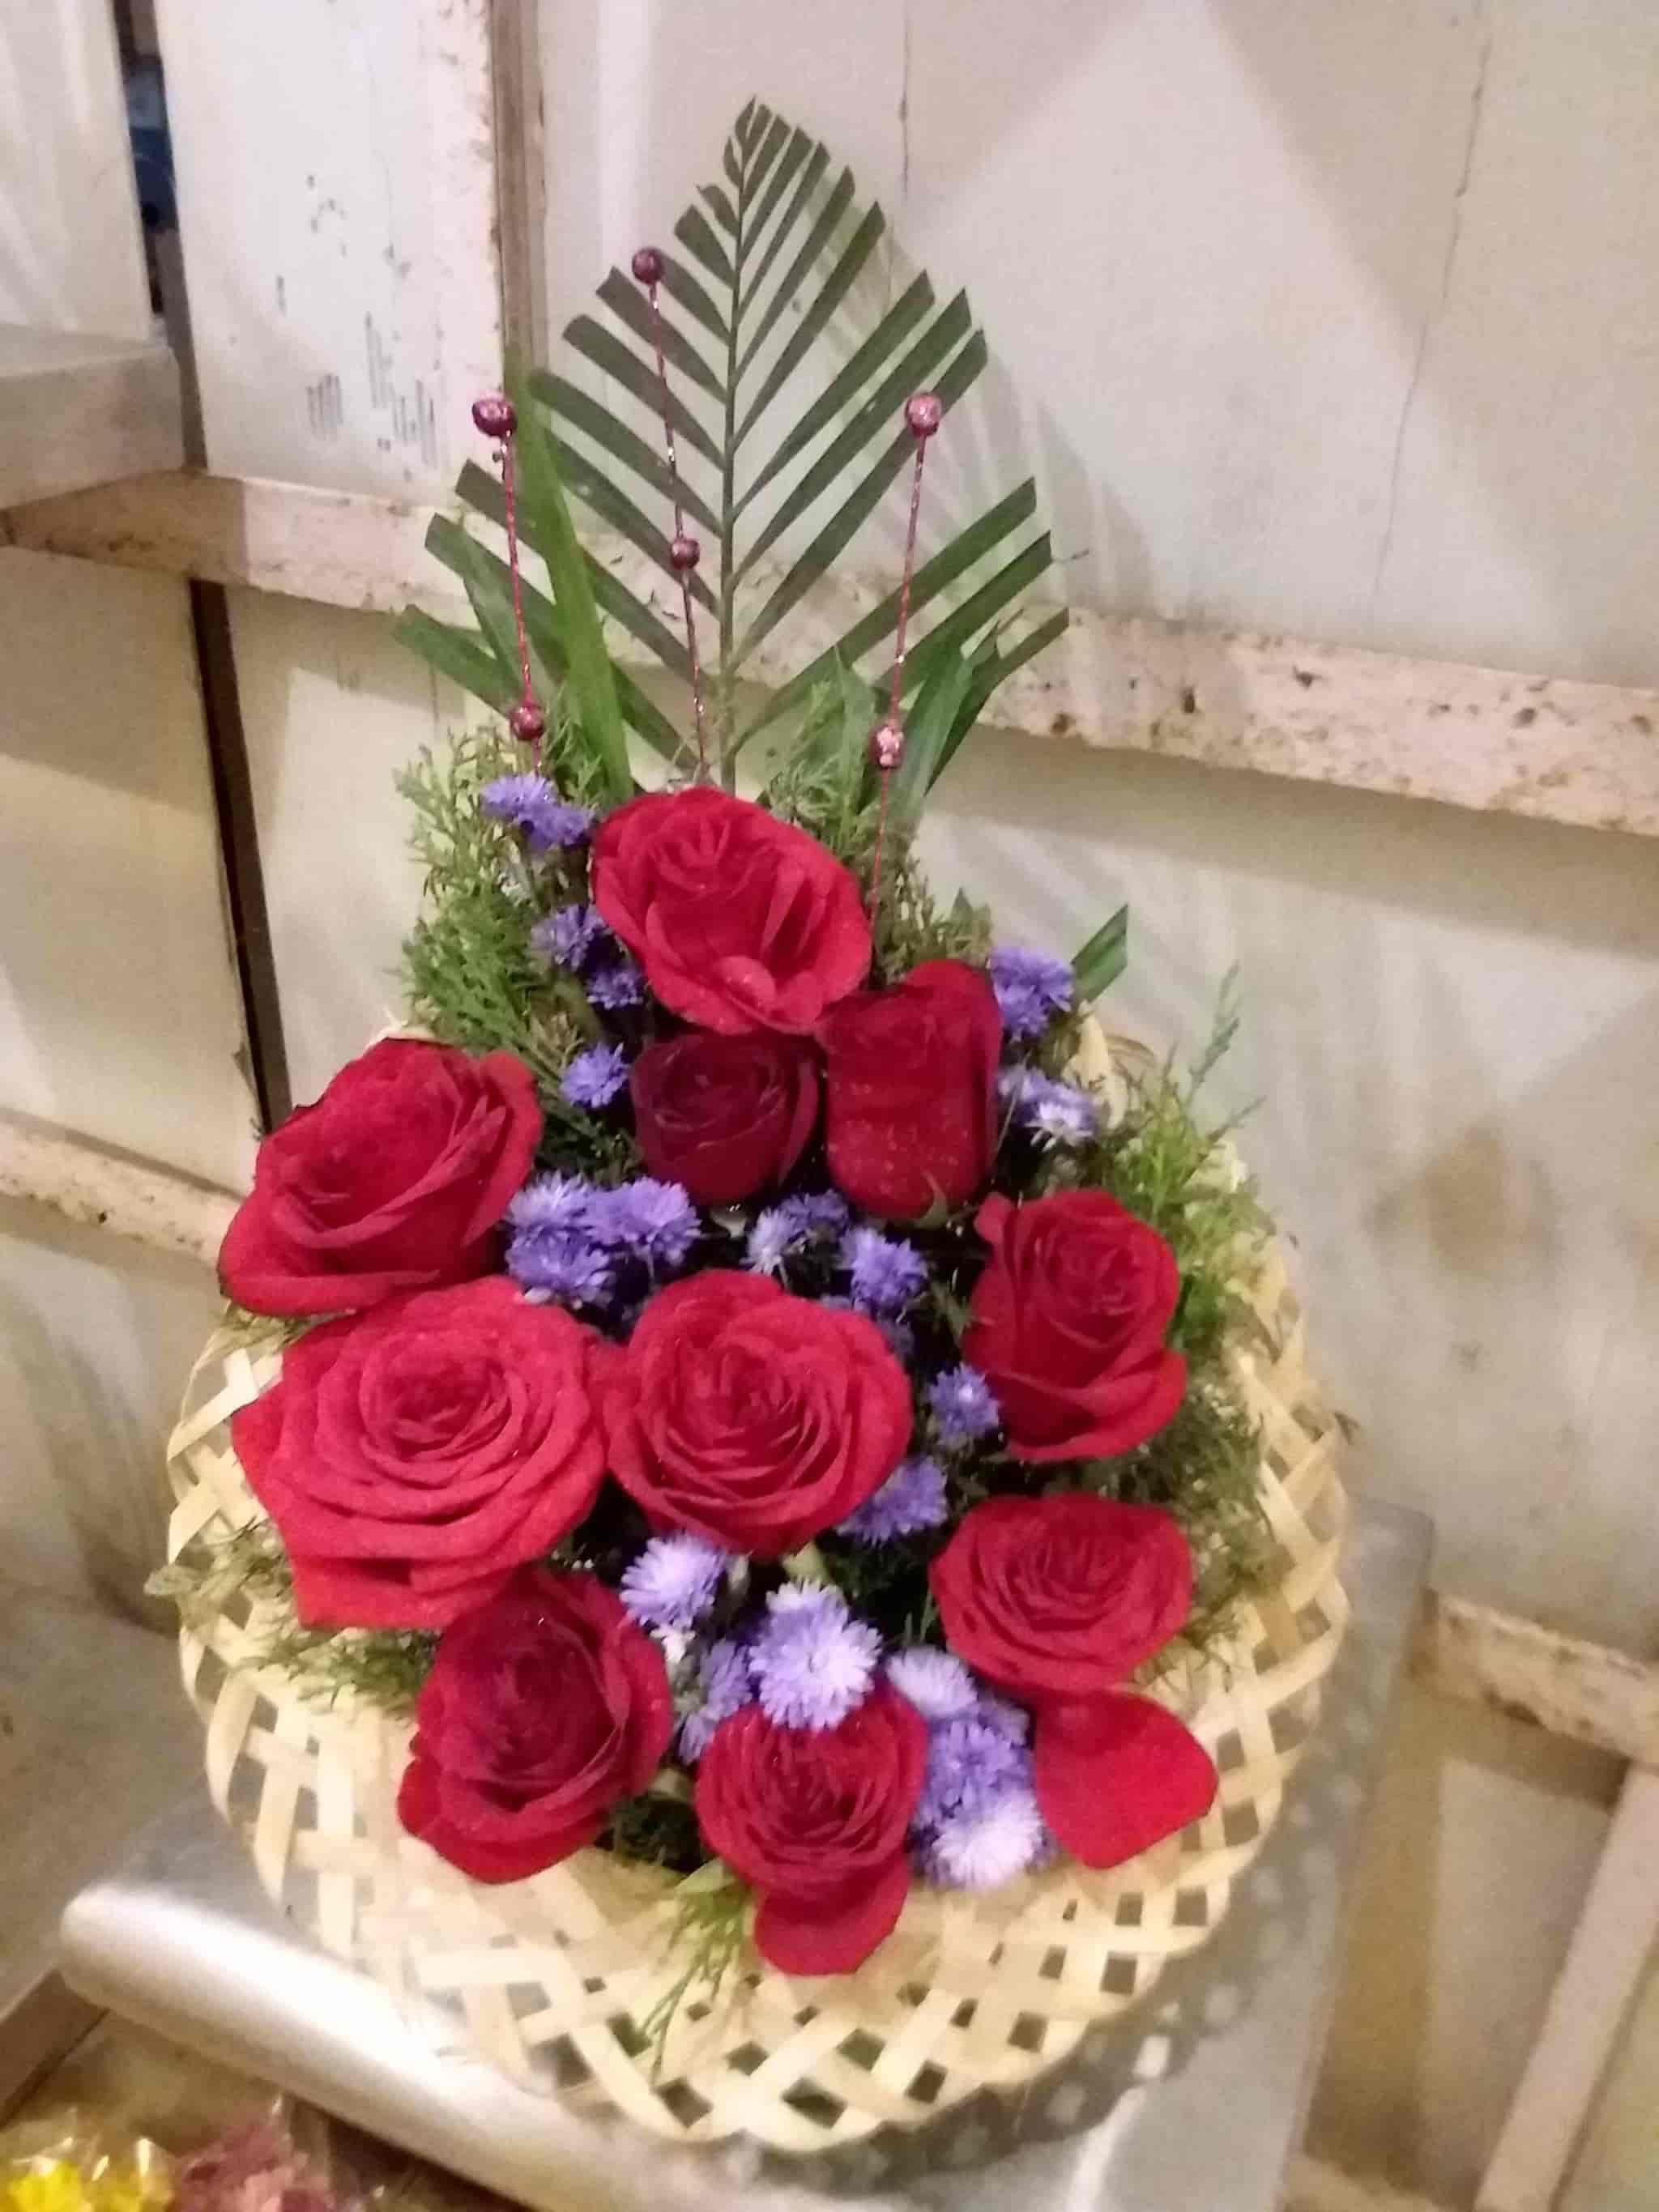 ... City Florist Photos, Court Circle, hubli - Florists ...